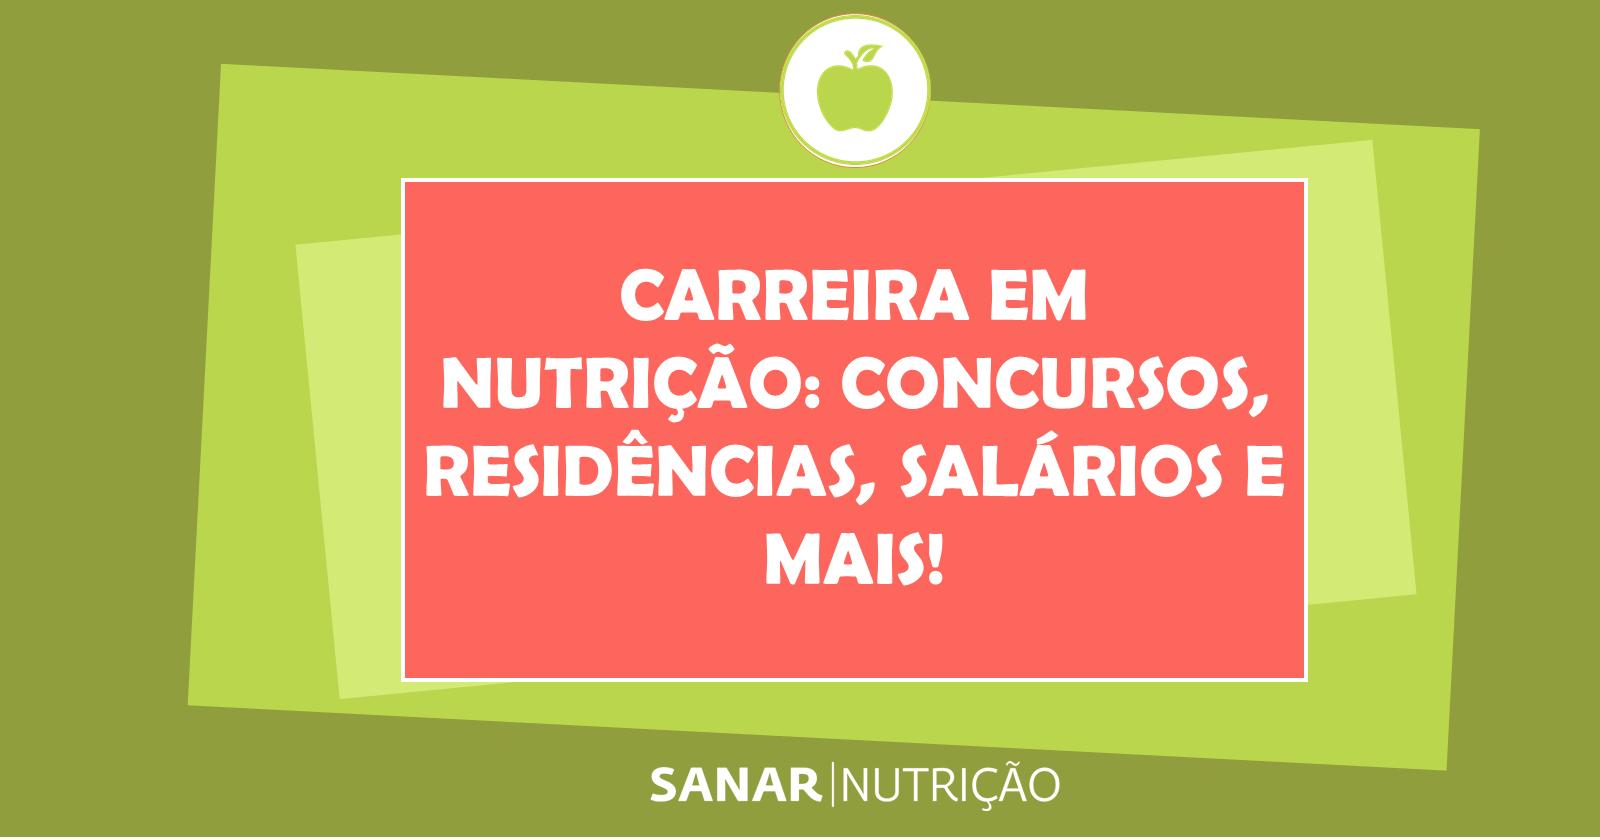 Guia de Carreira em Nutrição: concursos, residências, salários e muito mais!